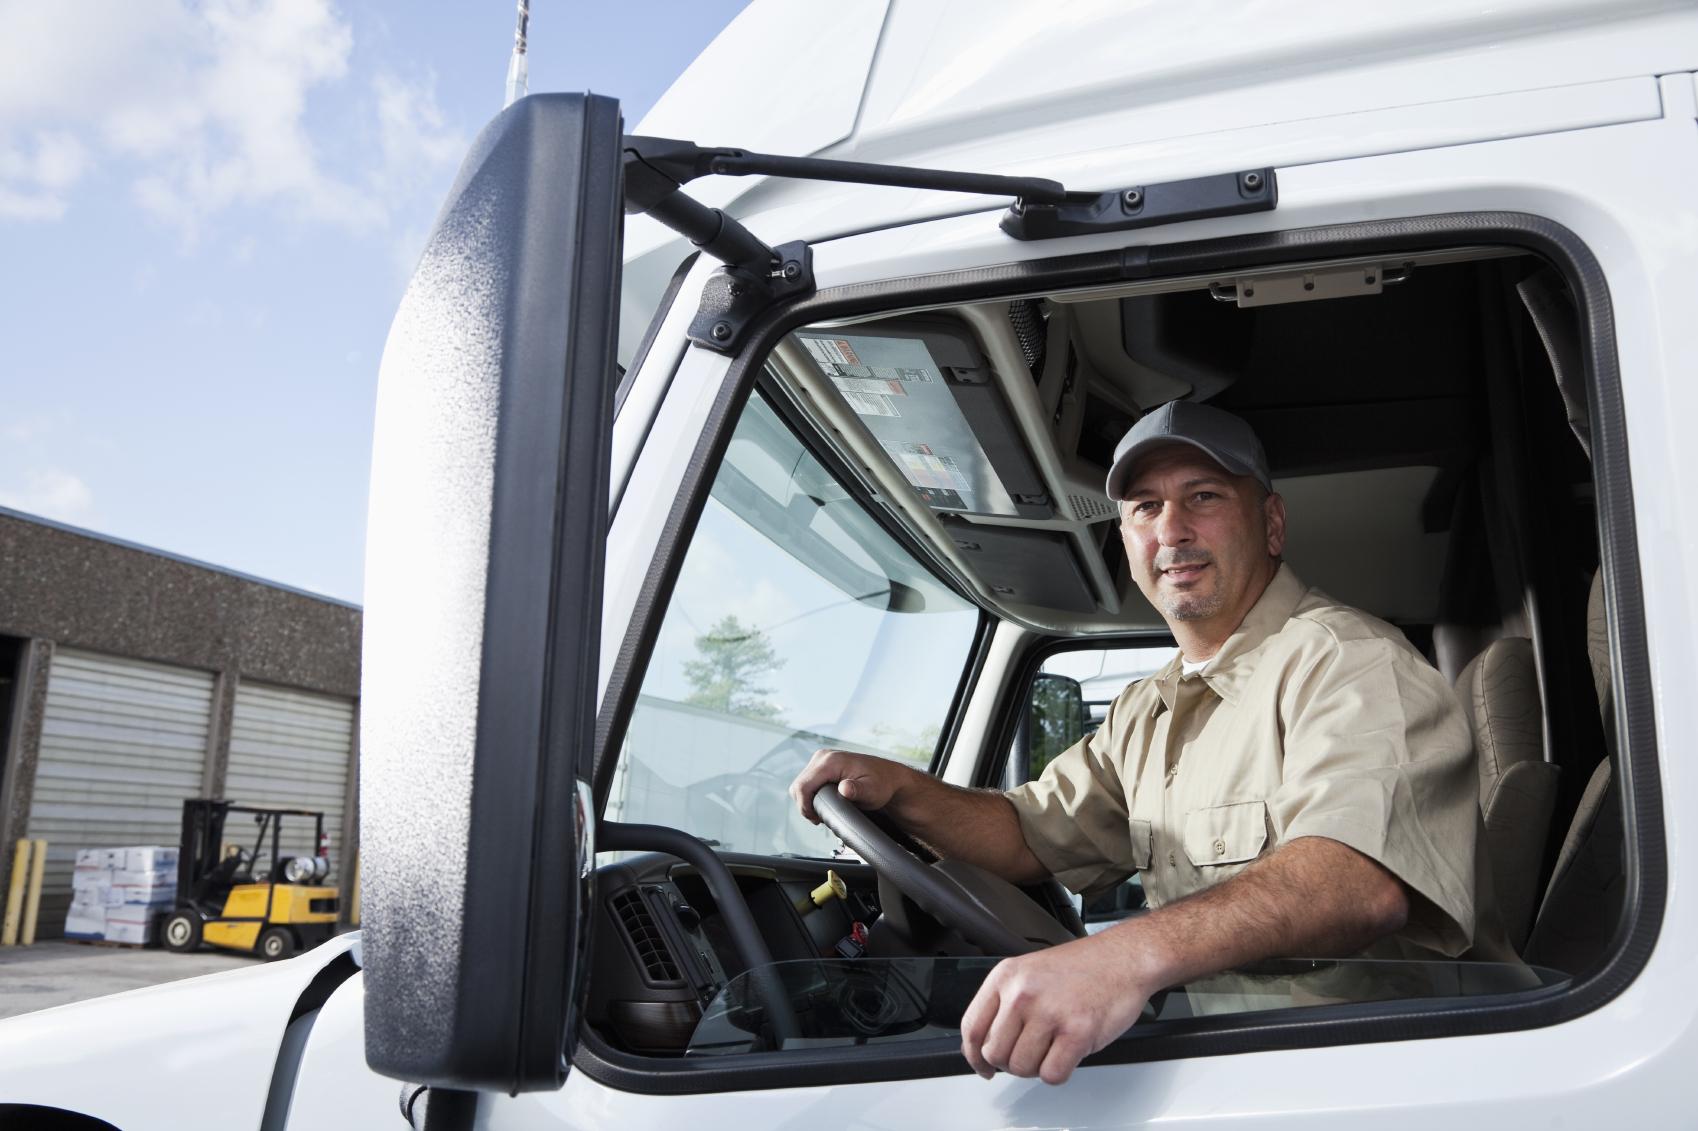 Kết quả hình ảnh cho Truck driver